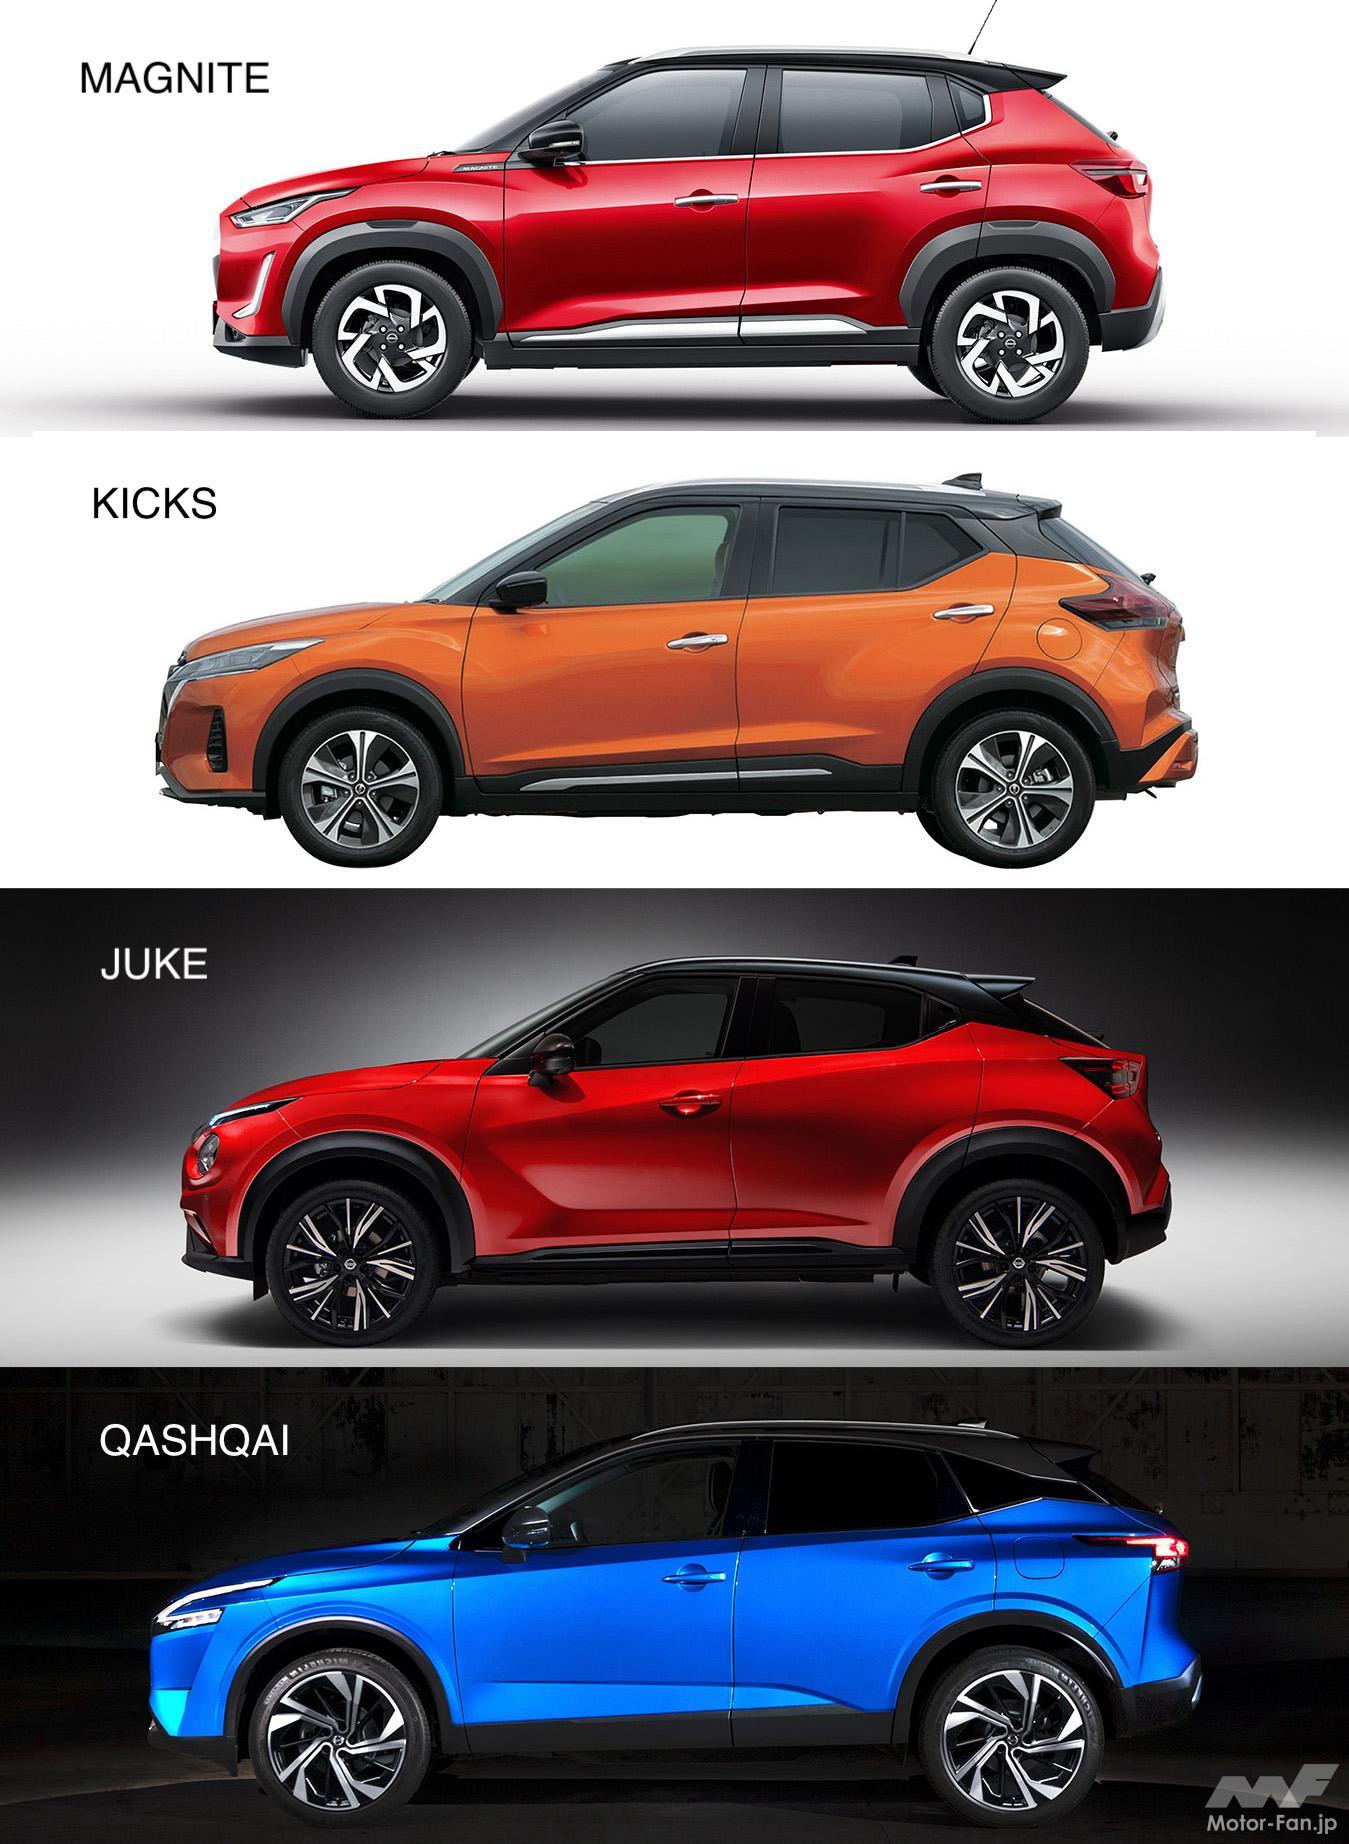 「日産SUV全14モデル マグナイト、キックス、エクストレイルから全長5.3m超のパトロールまで多彩な顔ぶれ」の1枚目の画像